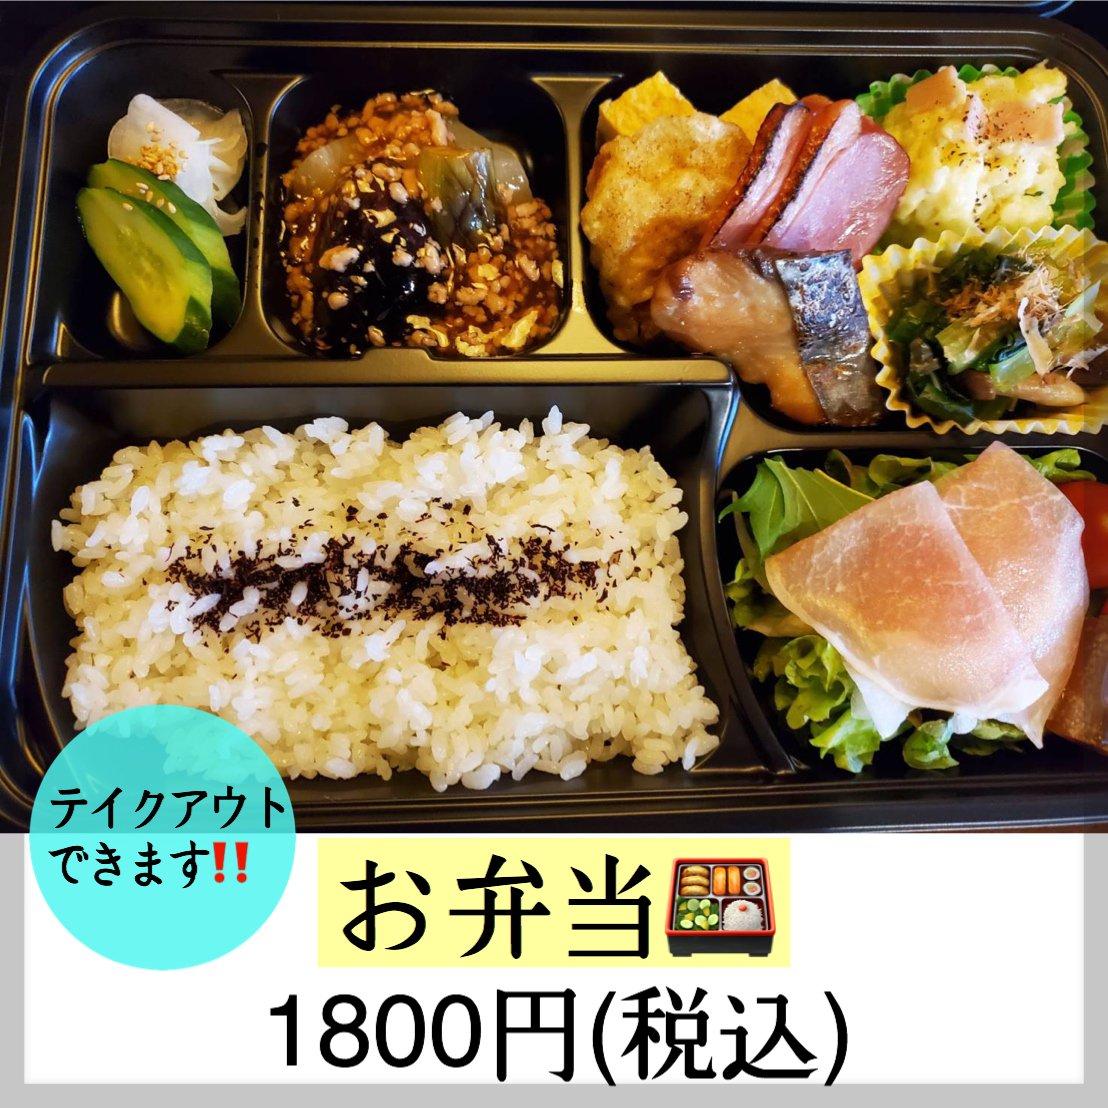 [テイクアウト]お弁当1800円のイメージその1